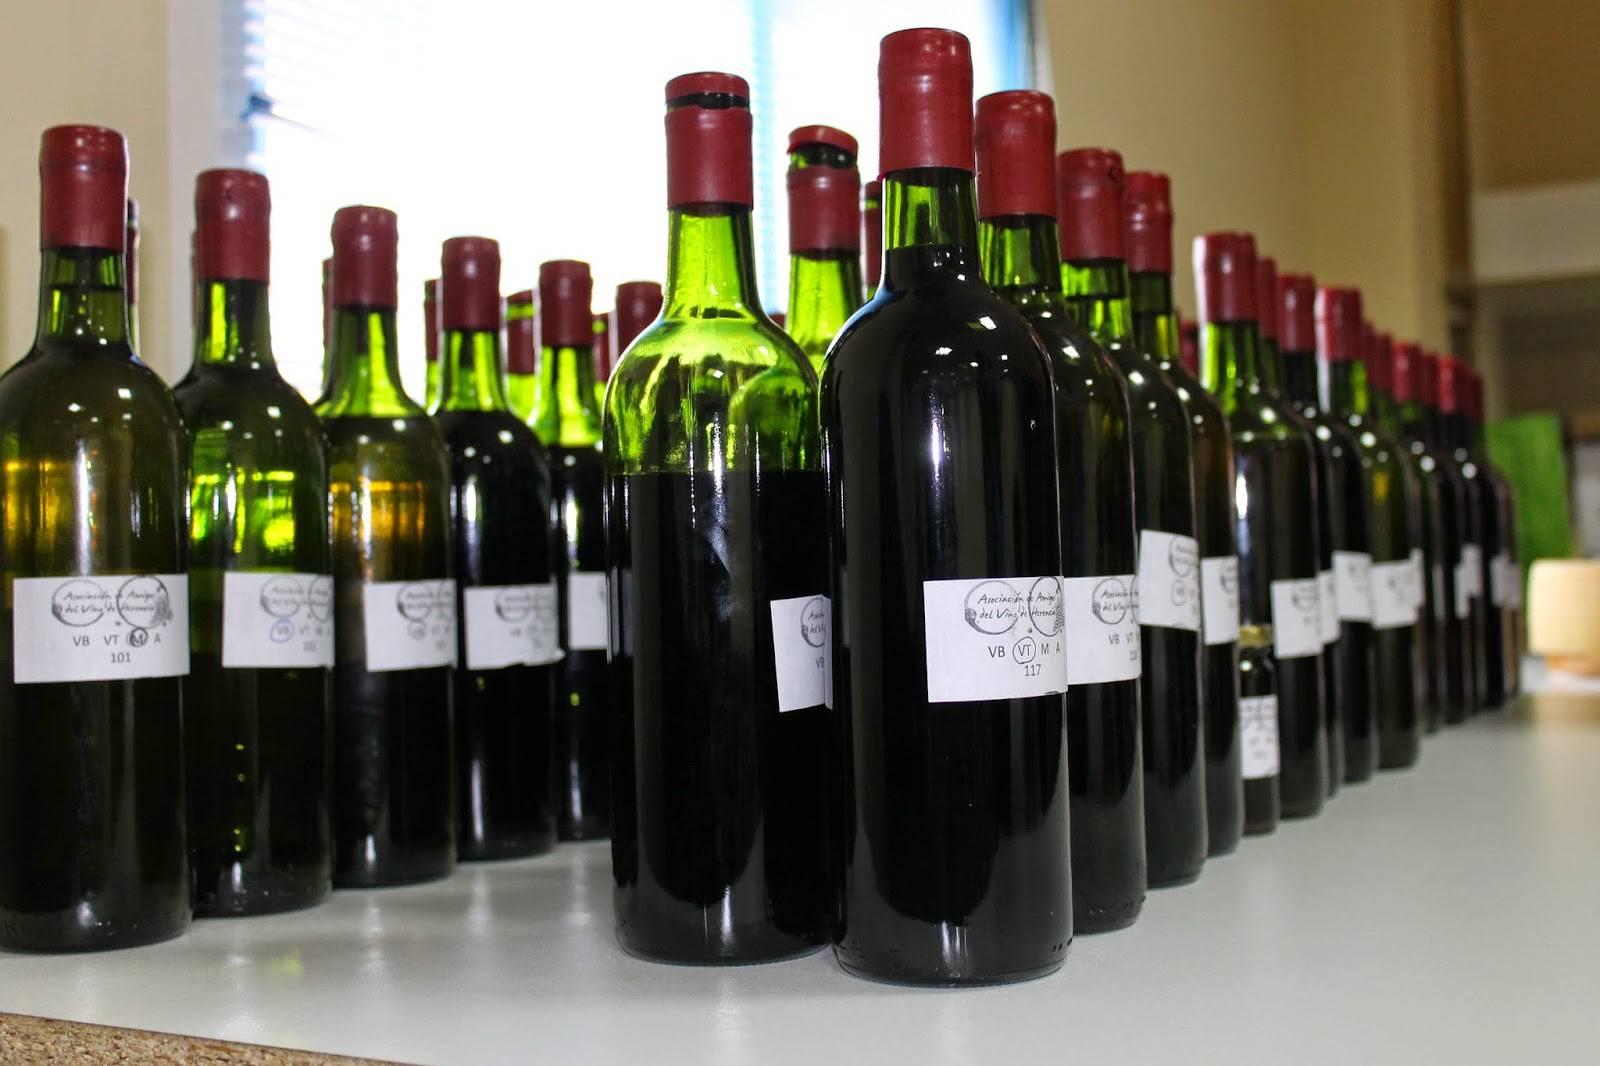 Muestras presentadas al concurso - Convocado el VI concurso de vinos y derivados elaborados artesanalmente